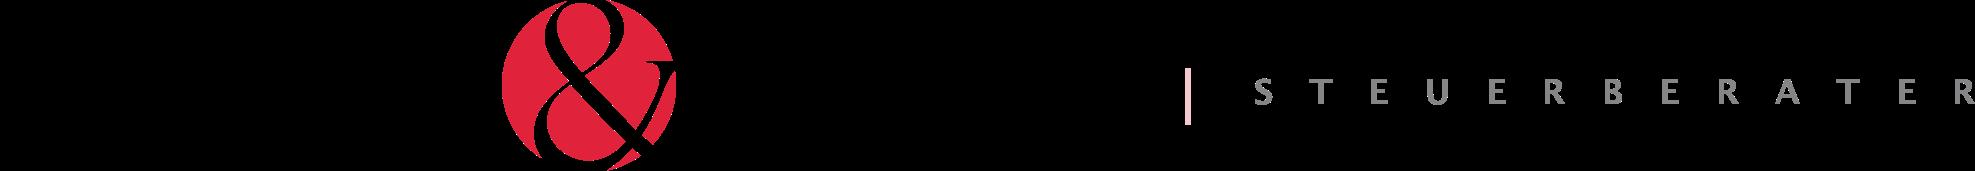 Börnigen & Partner